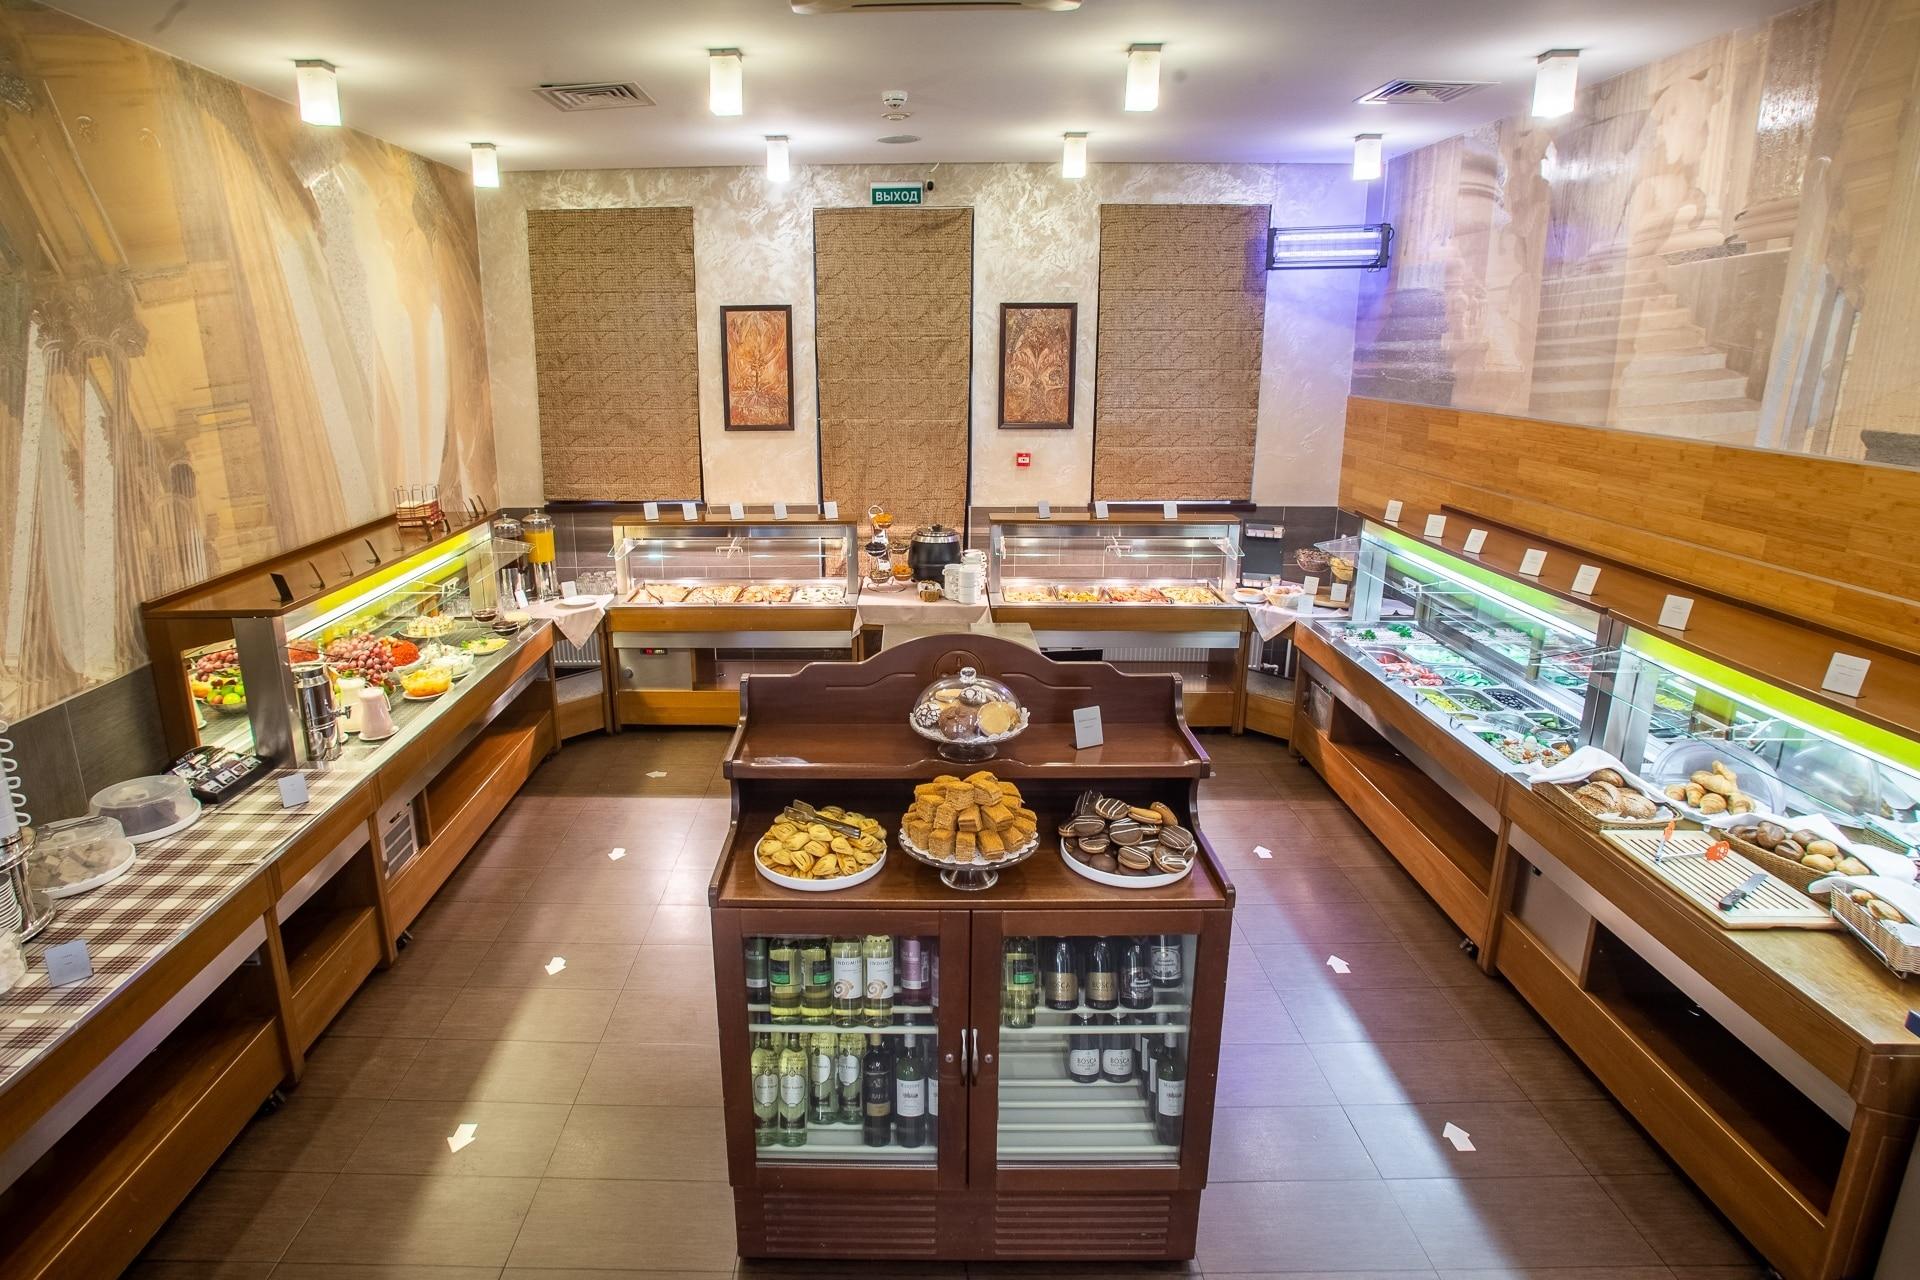 Гостиница Спутник СПб - Ресторан, Завтраки, Шведский стол